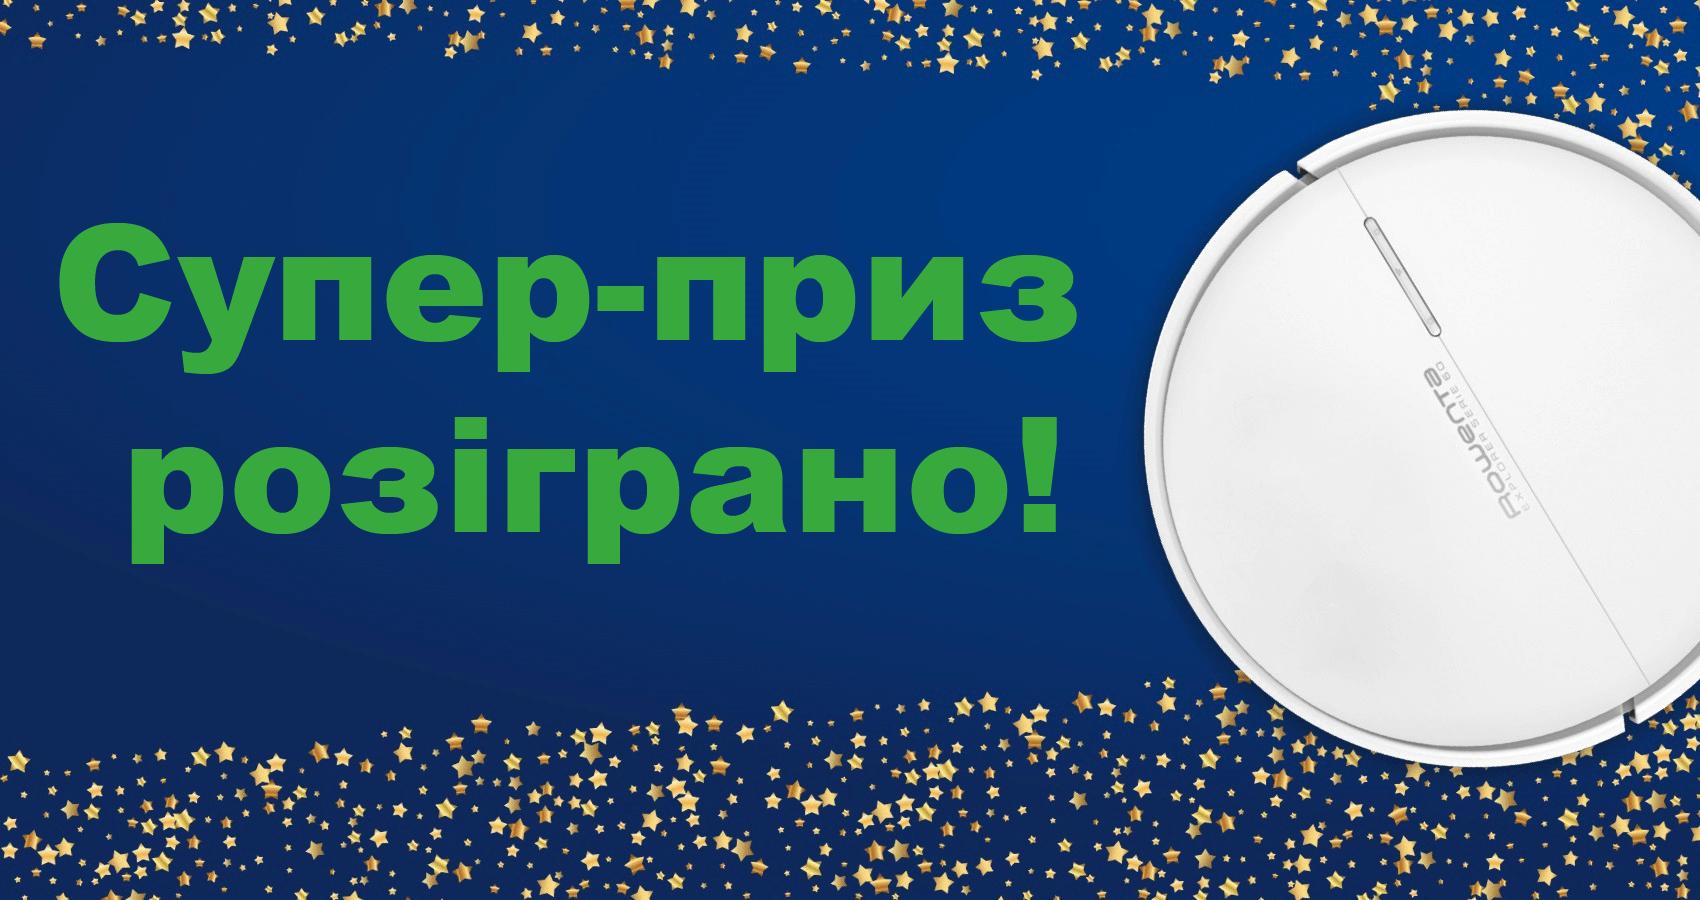 Вітаємо володаря супер-призу! - фото - mtb.ua